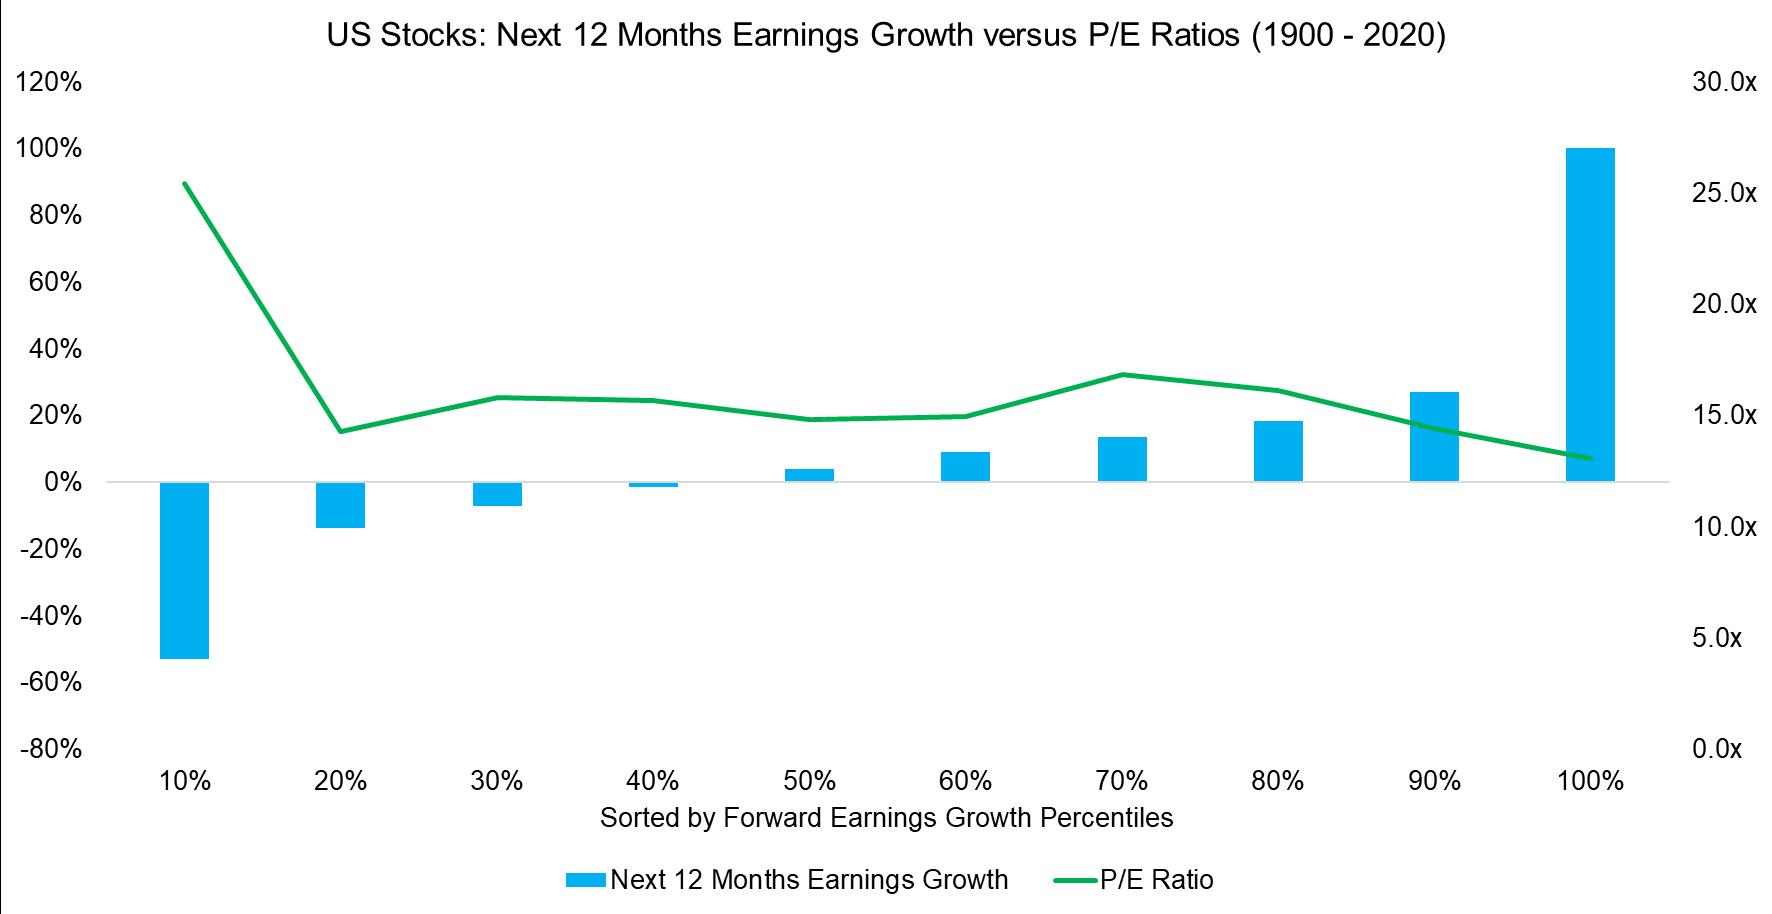 US Stocks Next 12 Months Earnings Growth versus PE Ratios (1900 - 2020)